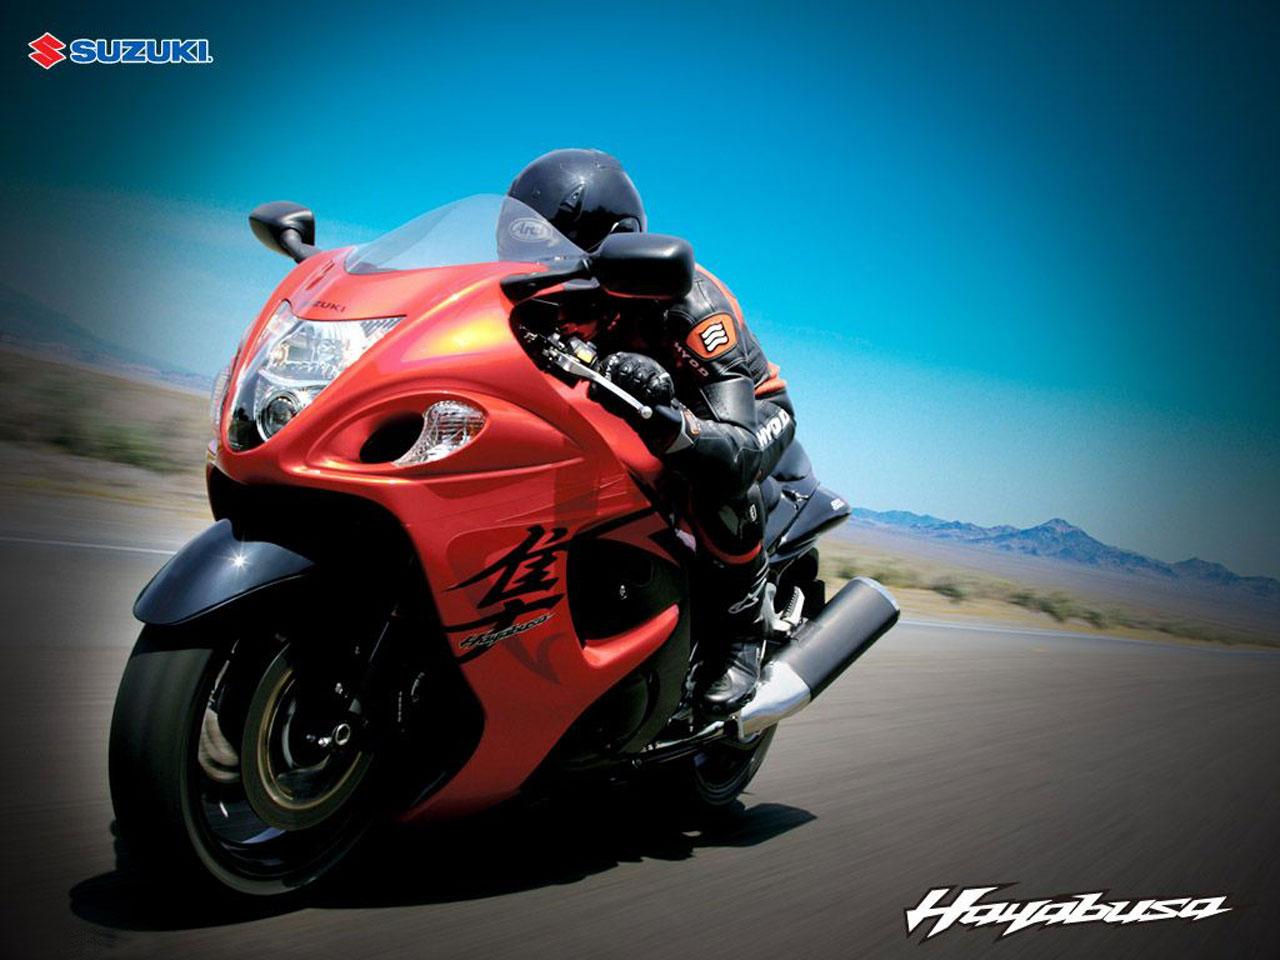 Suzuki Heavy Bikes